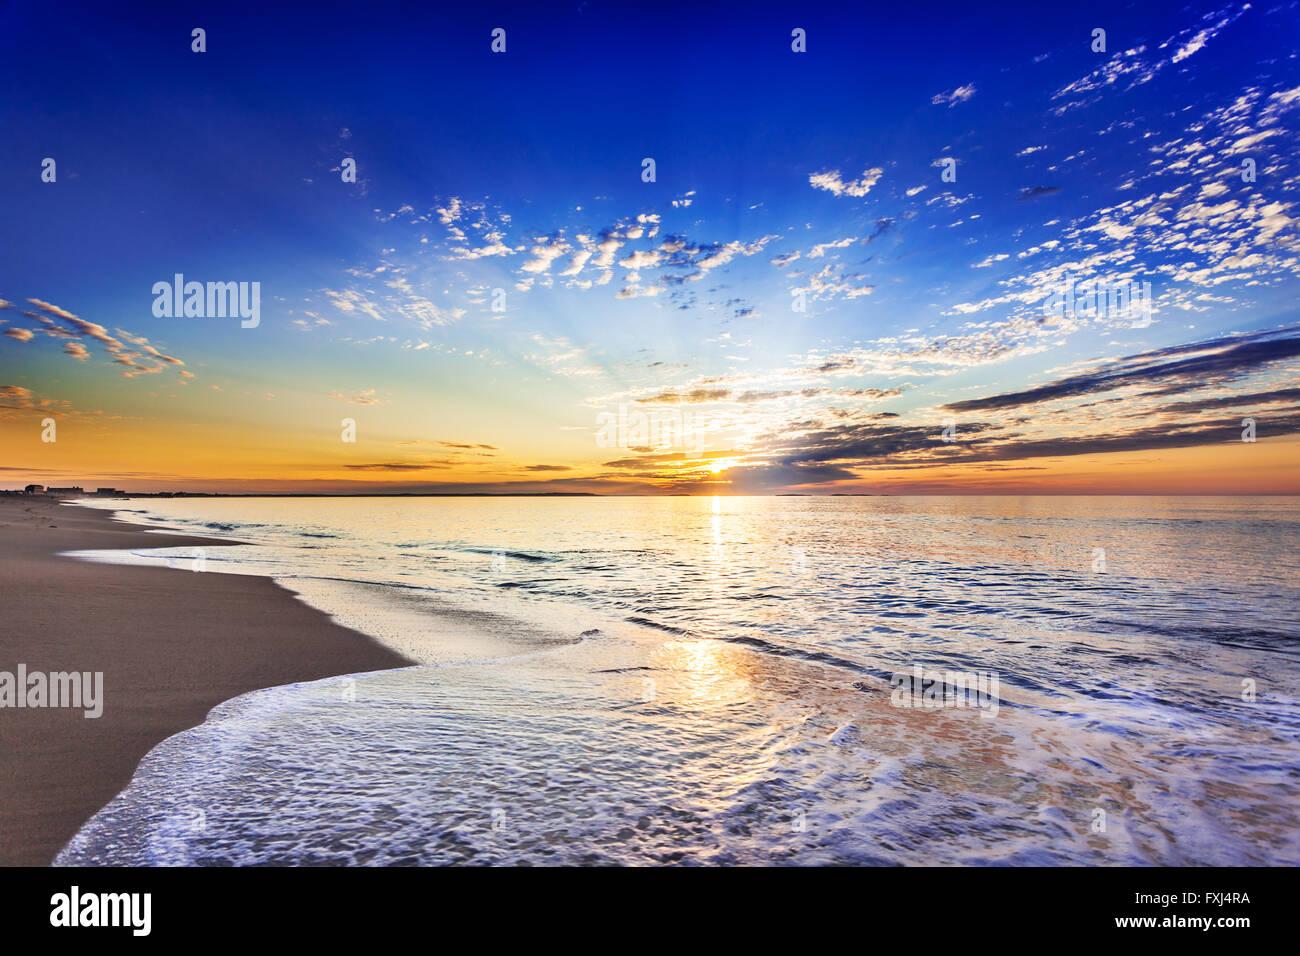 Soleil levant sur Ocean Park Photo Stock